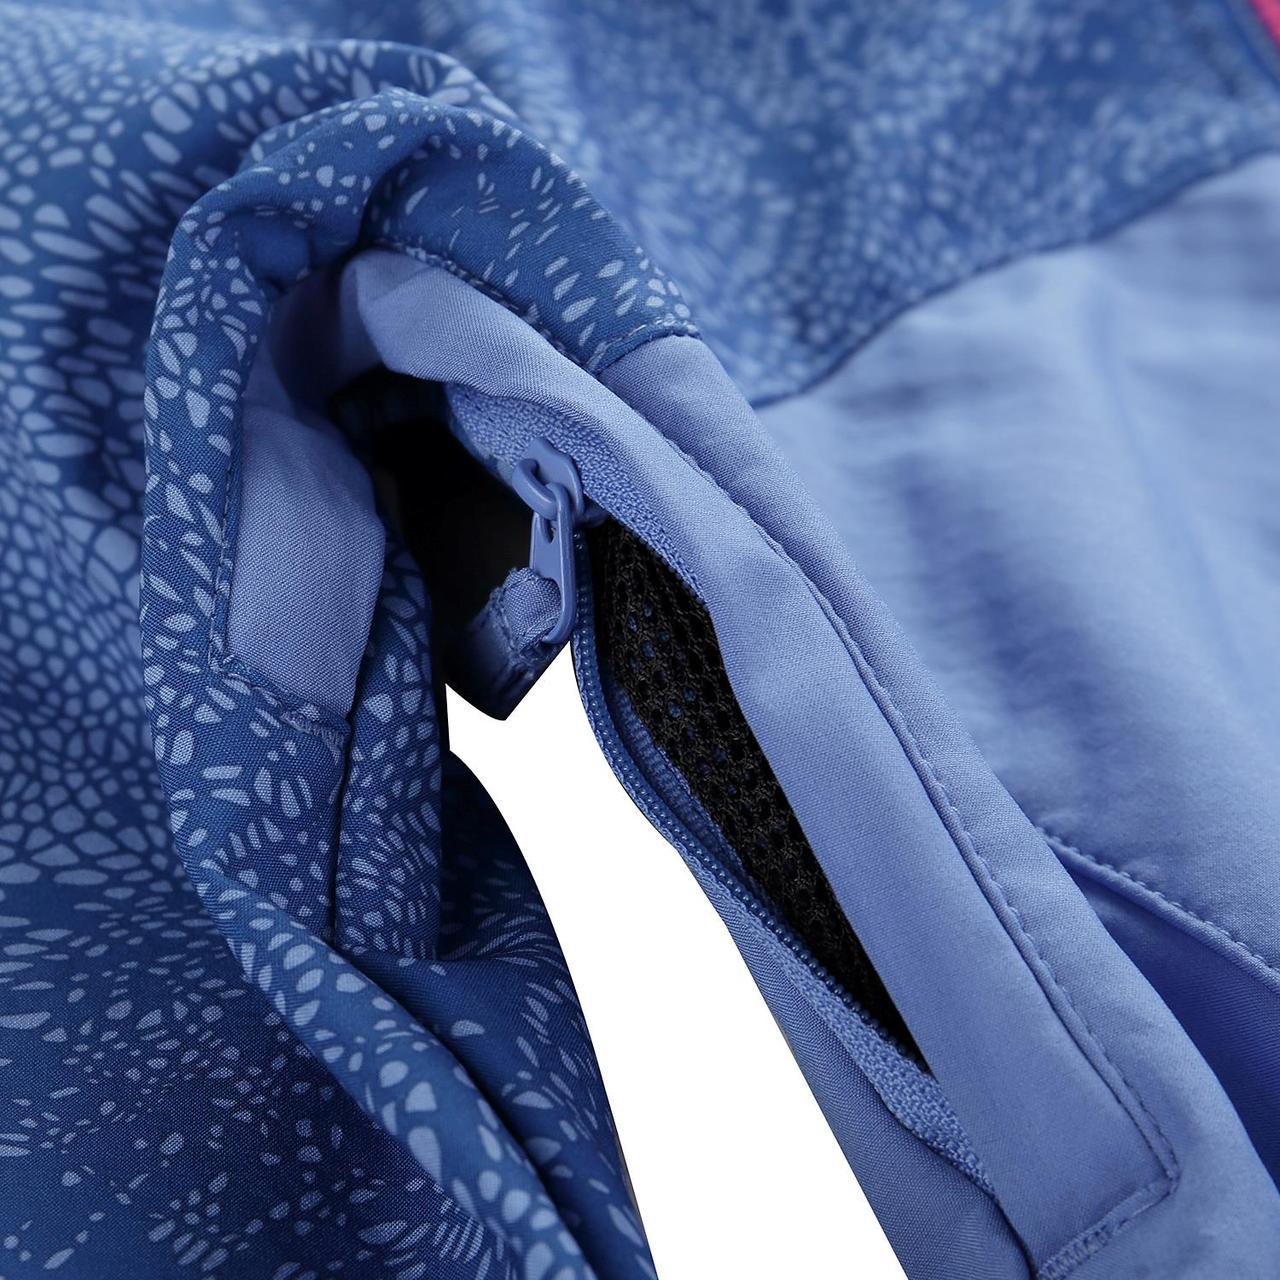 Куртка NOOTKO 8 Фиолетовый, 128-134 - фото 5